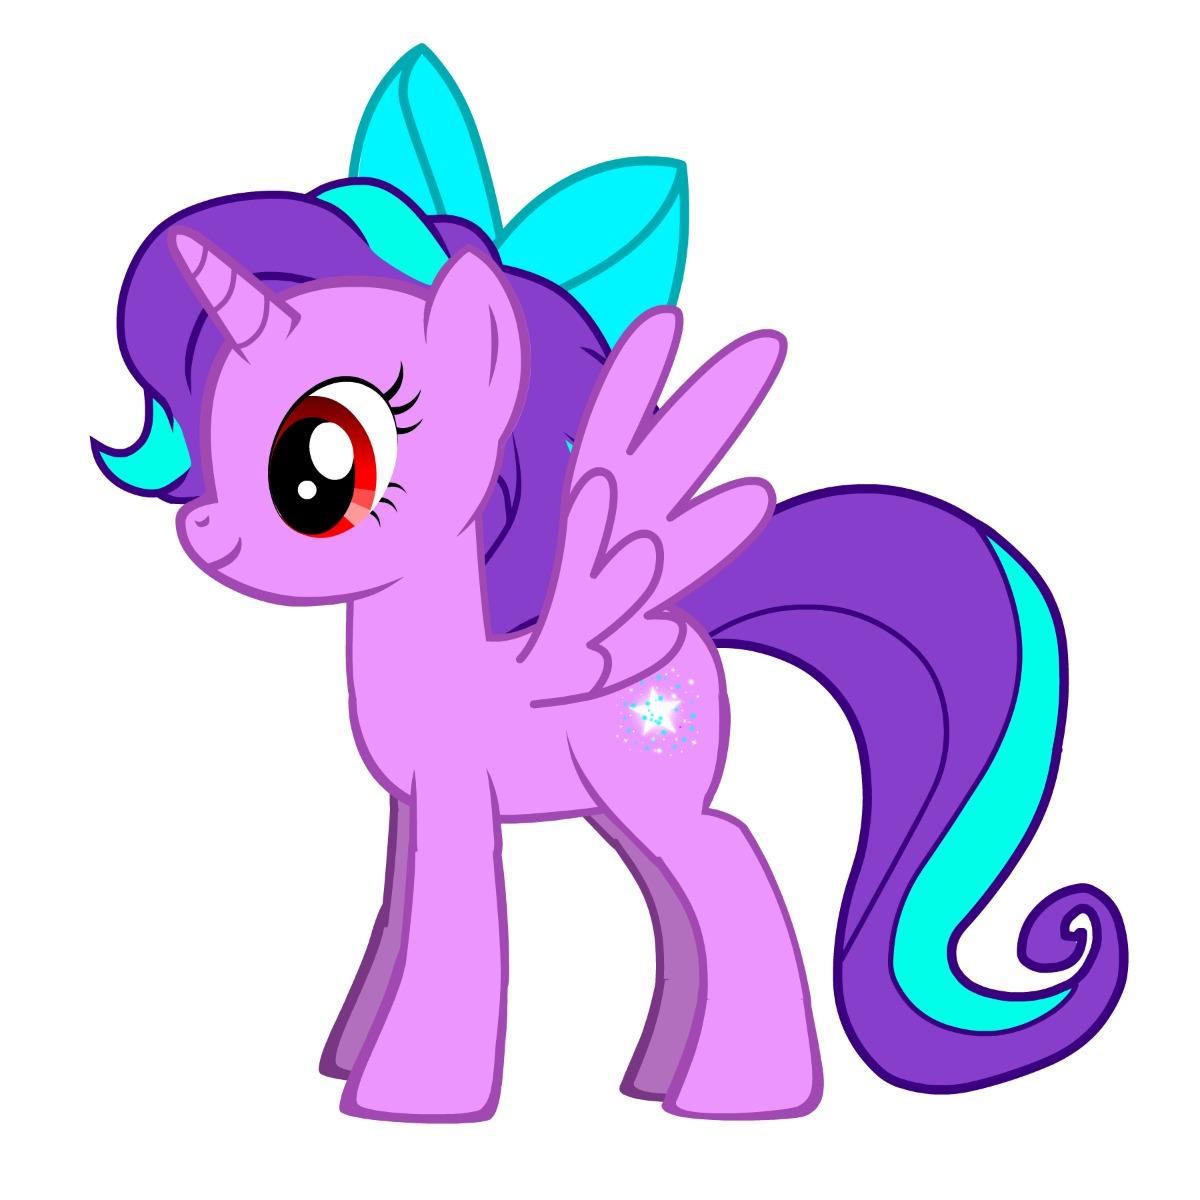 Opiniones de My Little Pony: La Magia de la Amistad